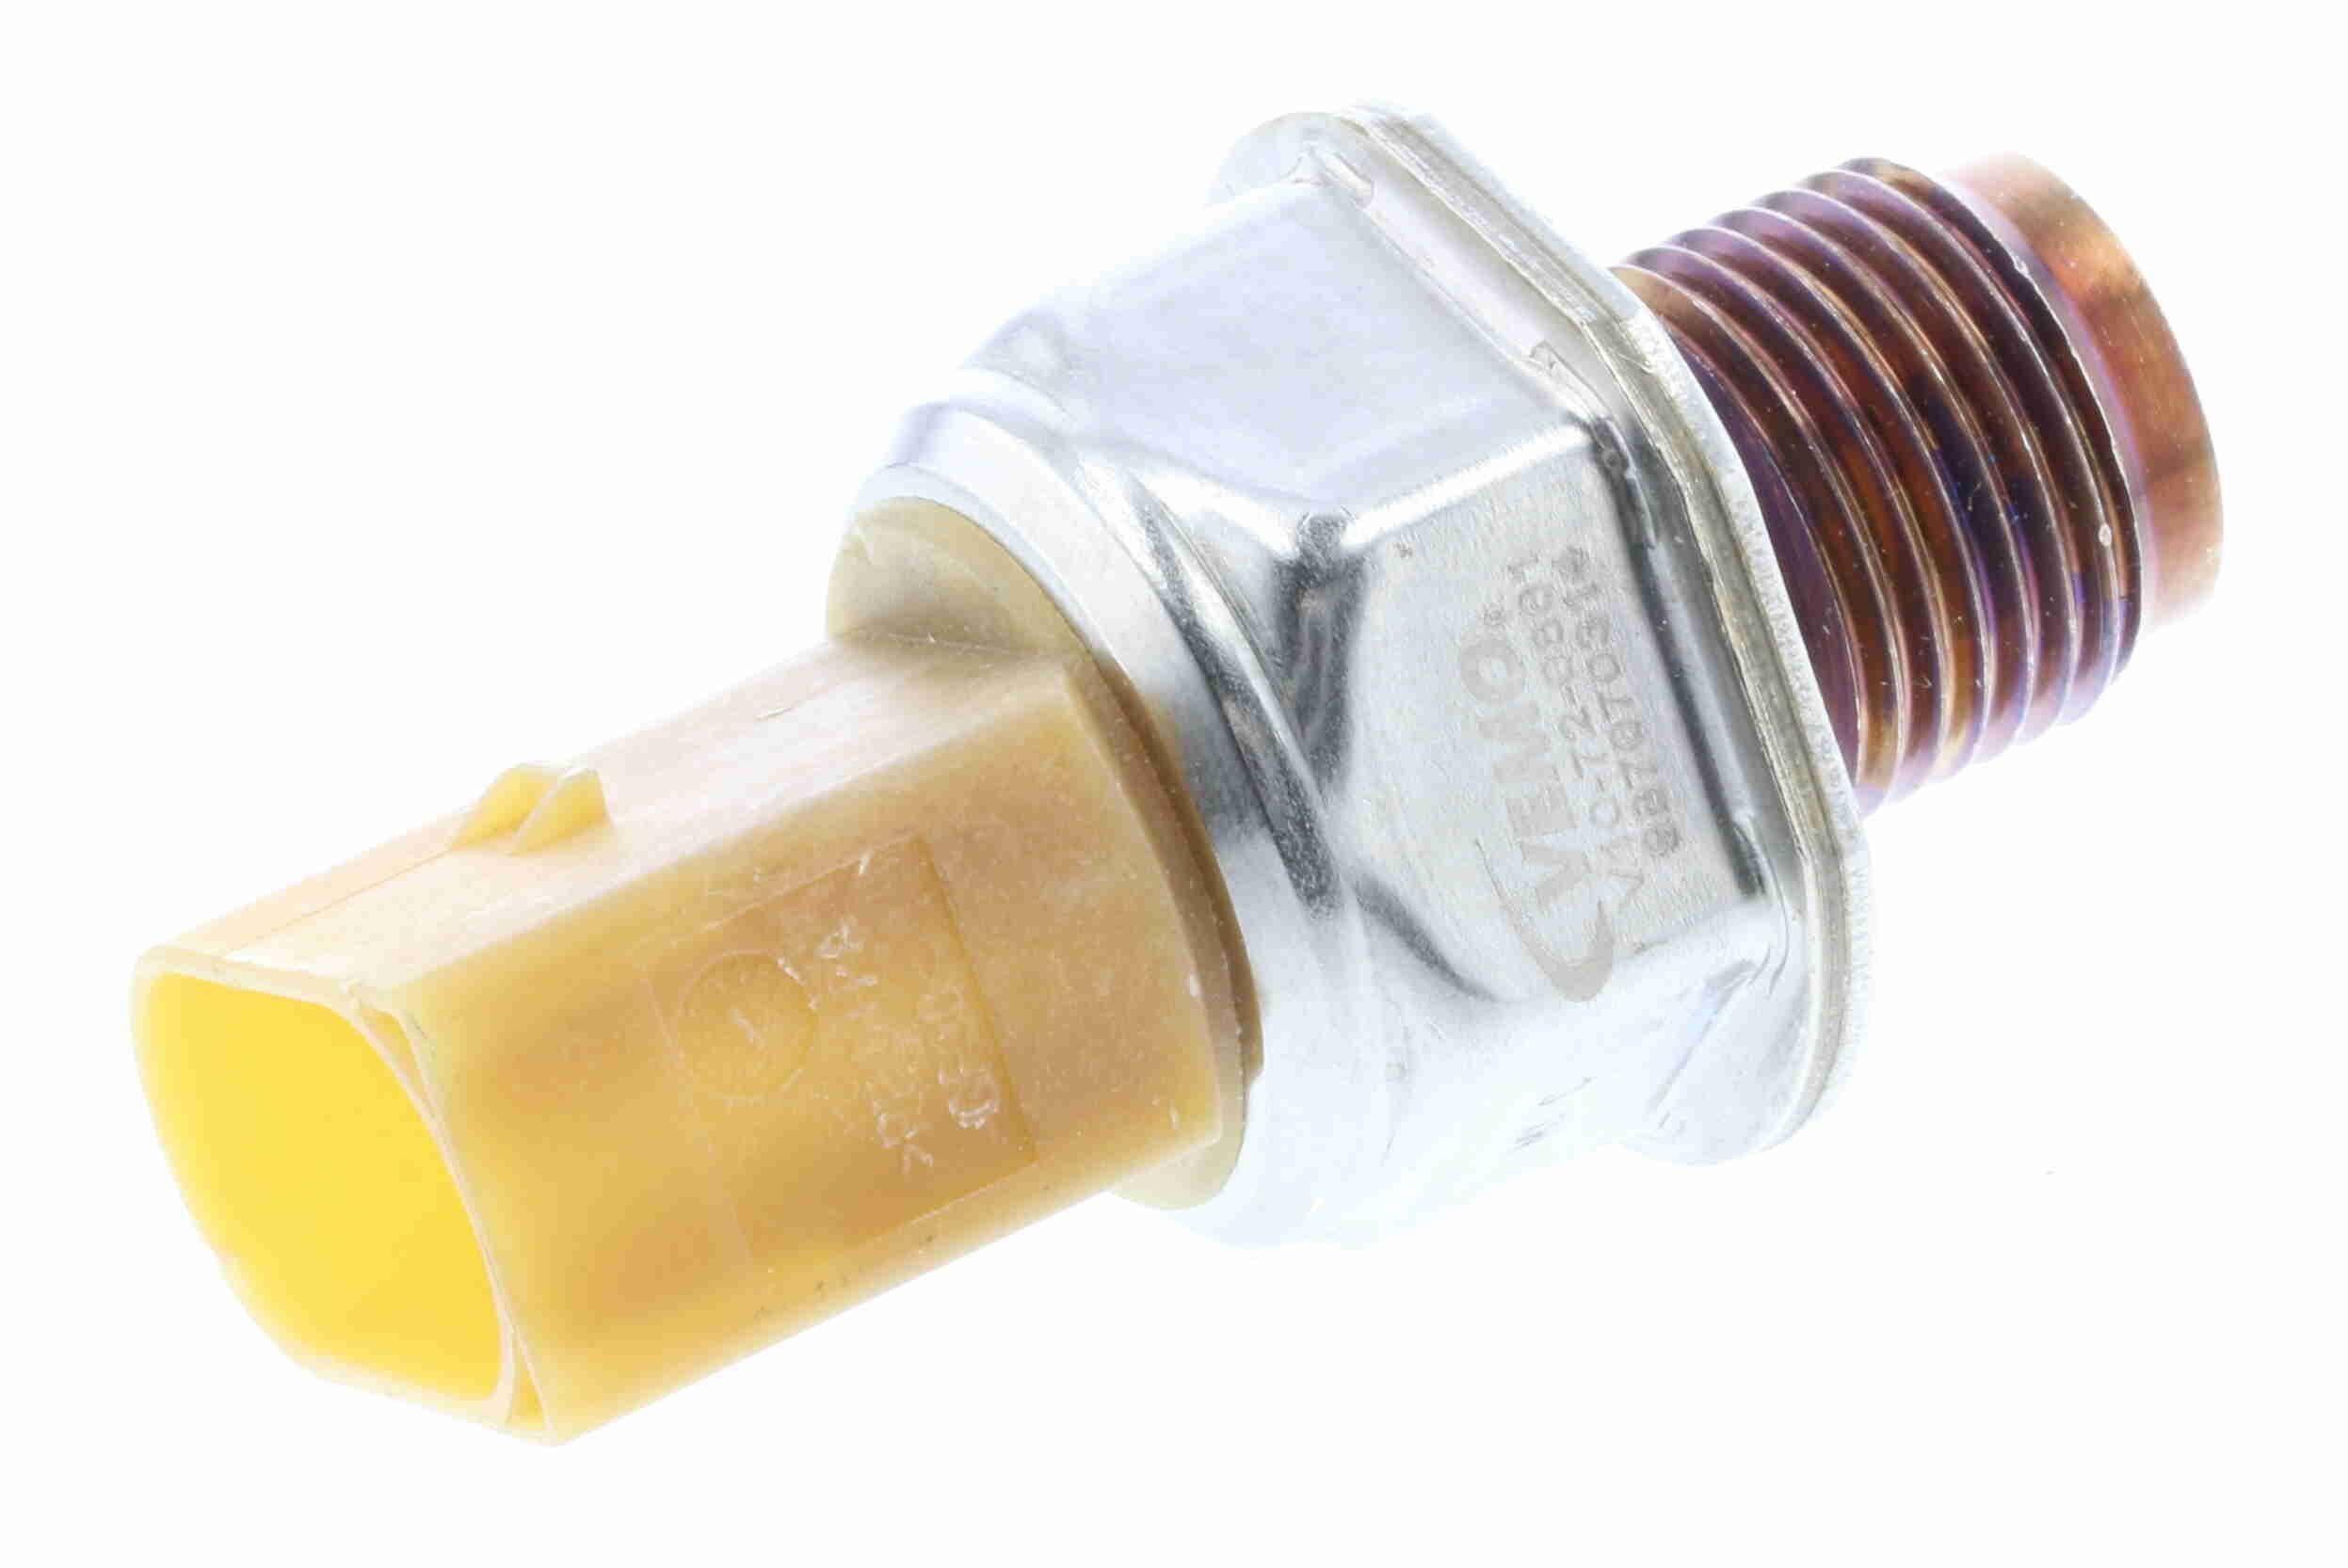 Senzor, tlak goriva V10-72-0861 za VW AMAROK po znižani ceni - kupi zdaj!